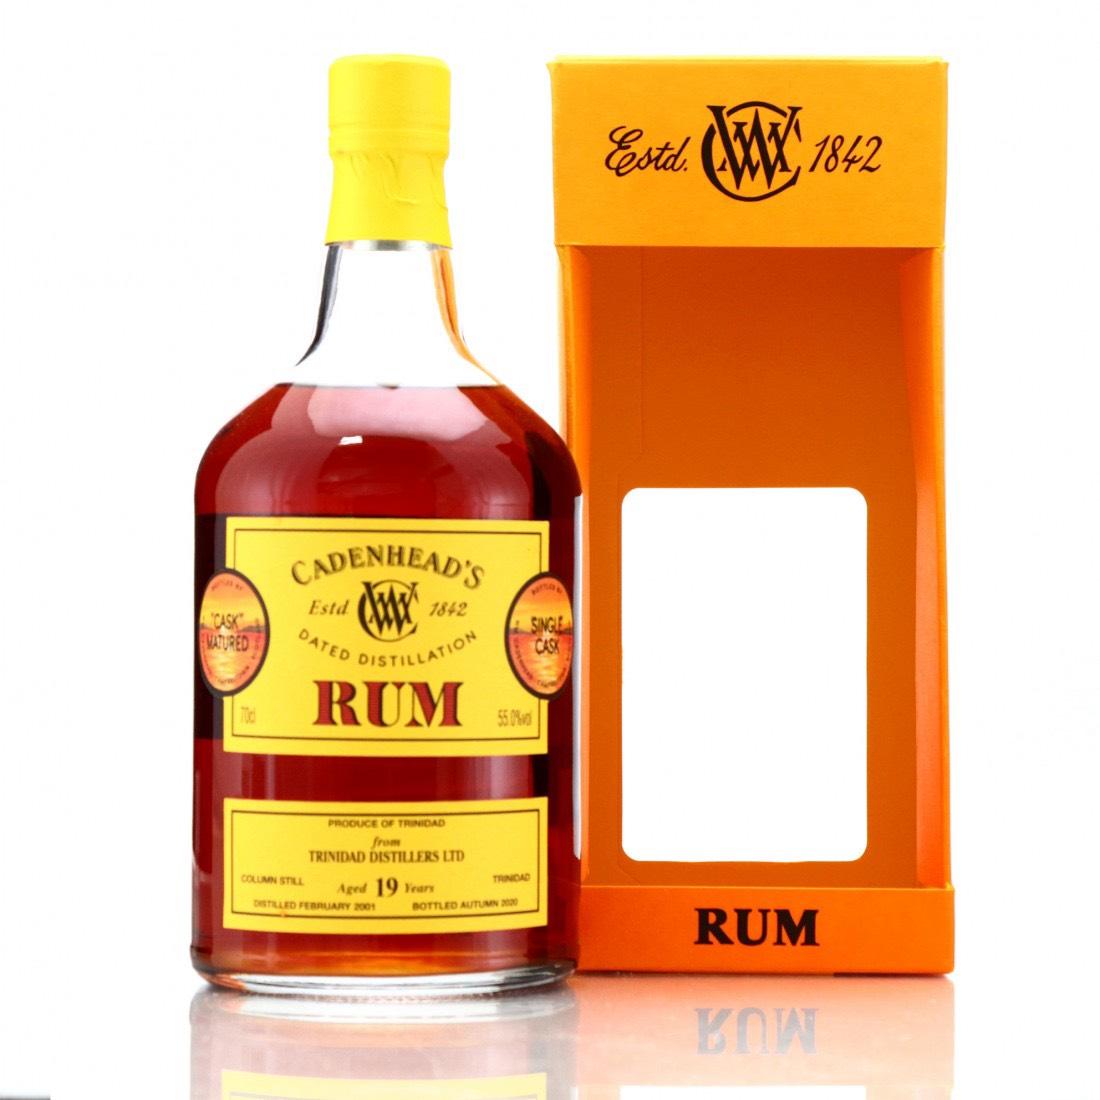 Bottle image of Trinidad Distillers LTD